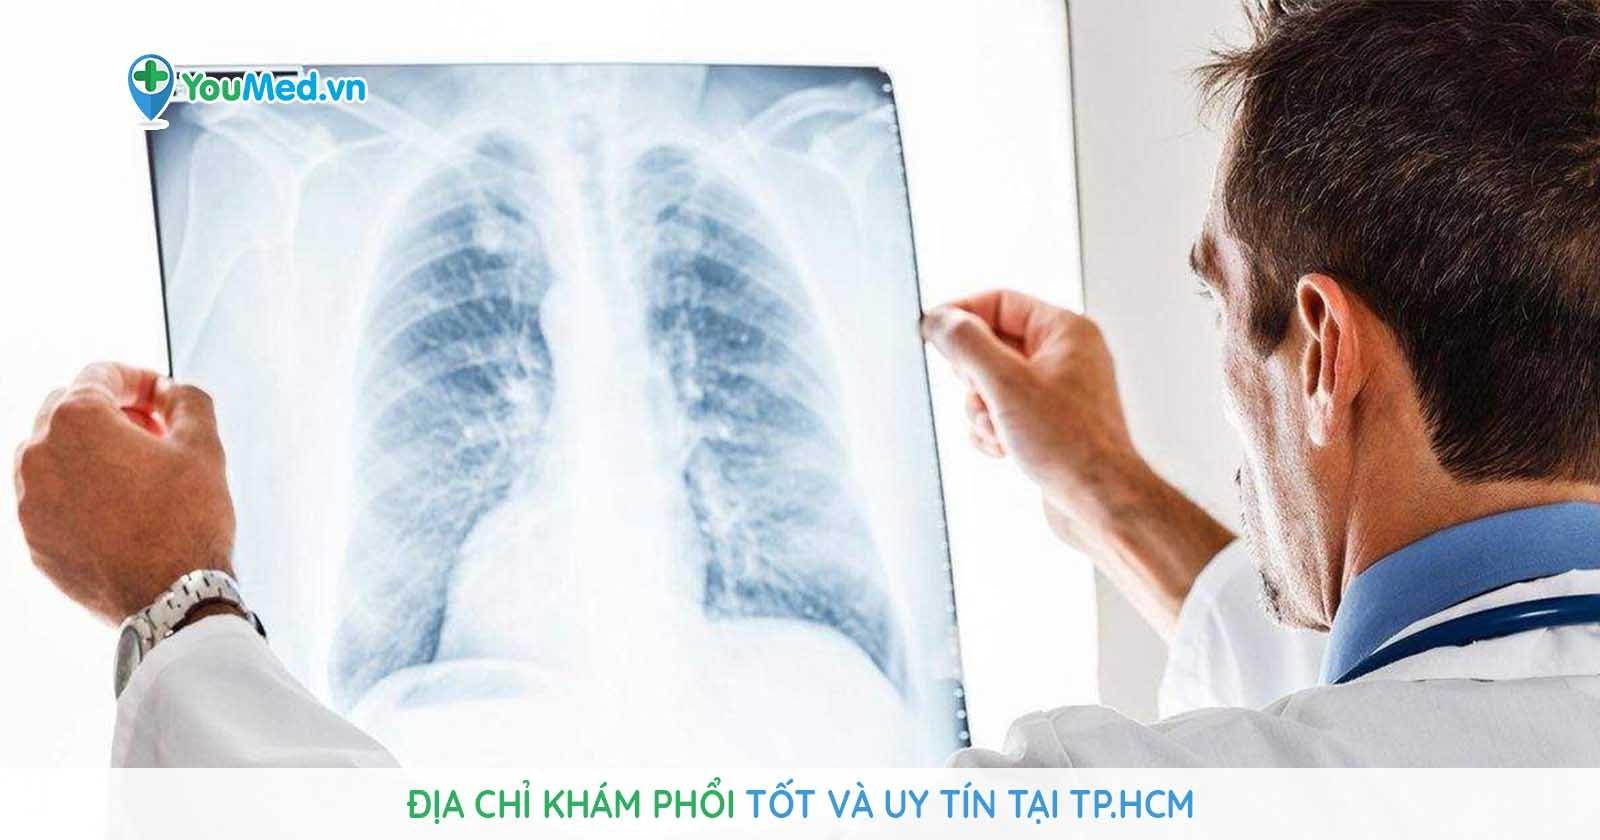 Địa chỉ khám phổi tốt và uy tín tại TP.HCM